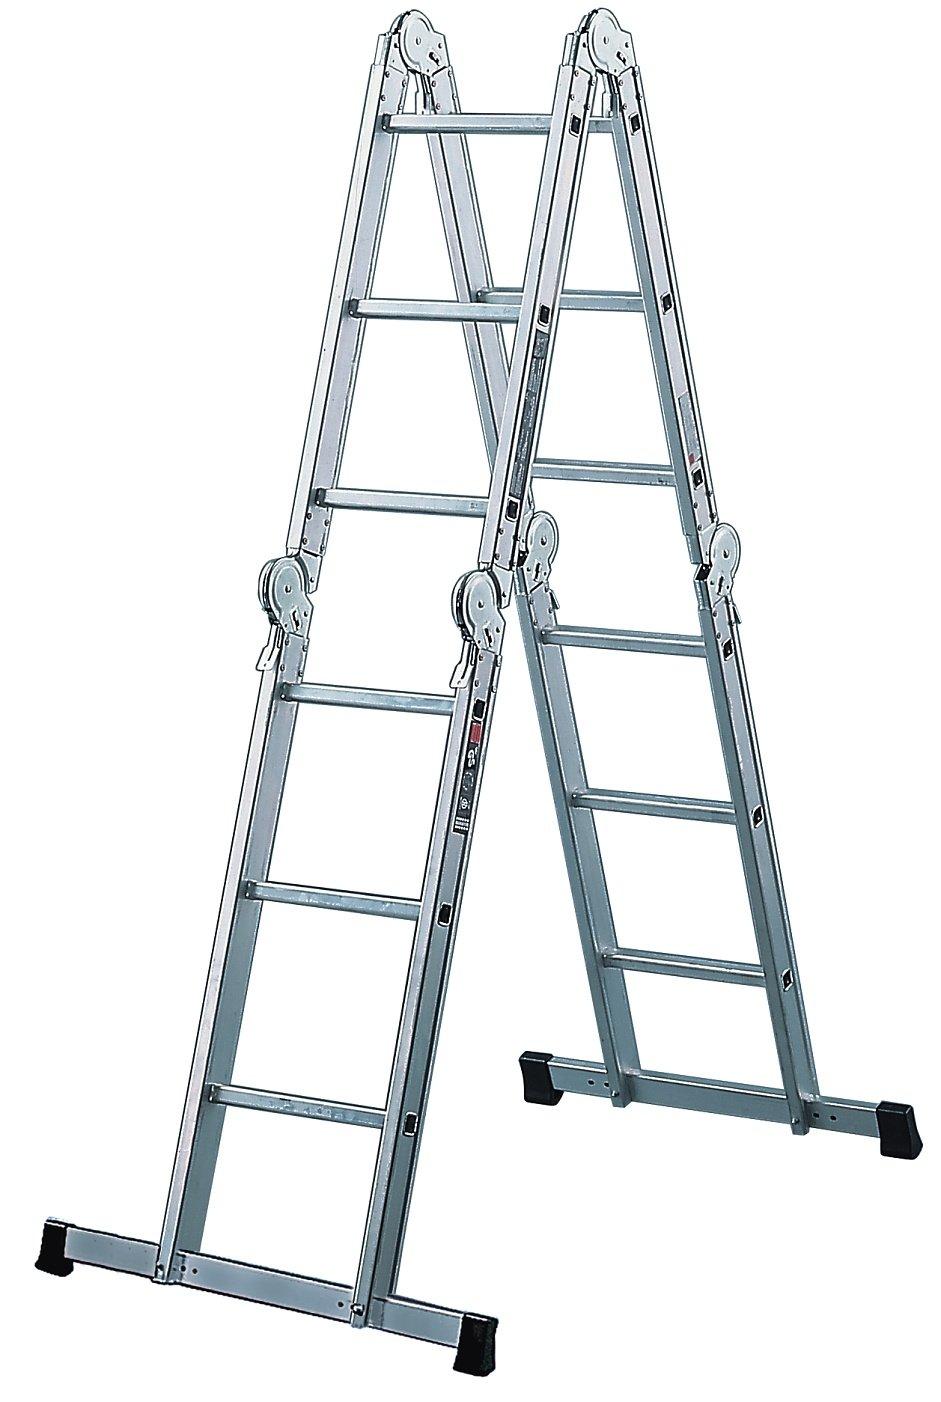 Brennenstuhl Brenette - multiusos escalera de aluminio de 6-empalme 12 peldaños, altura de pie de escalera de 1,8 M de longitud de la escalera de 3,6 M 1420070: Amazon.es: Iluminación